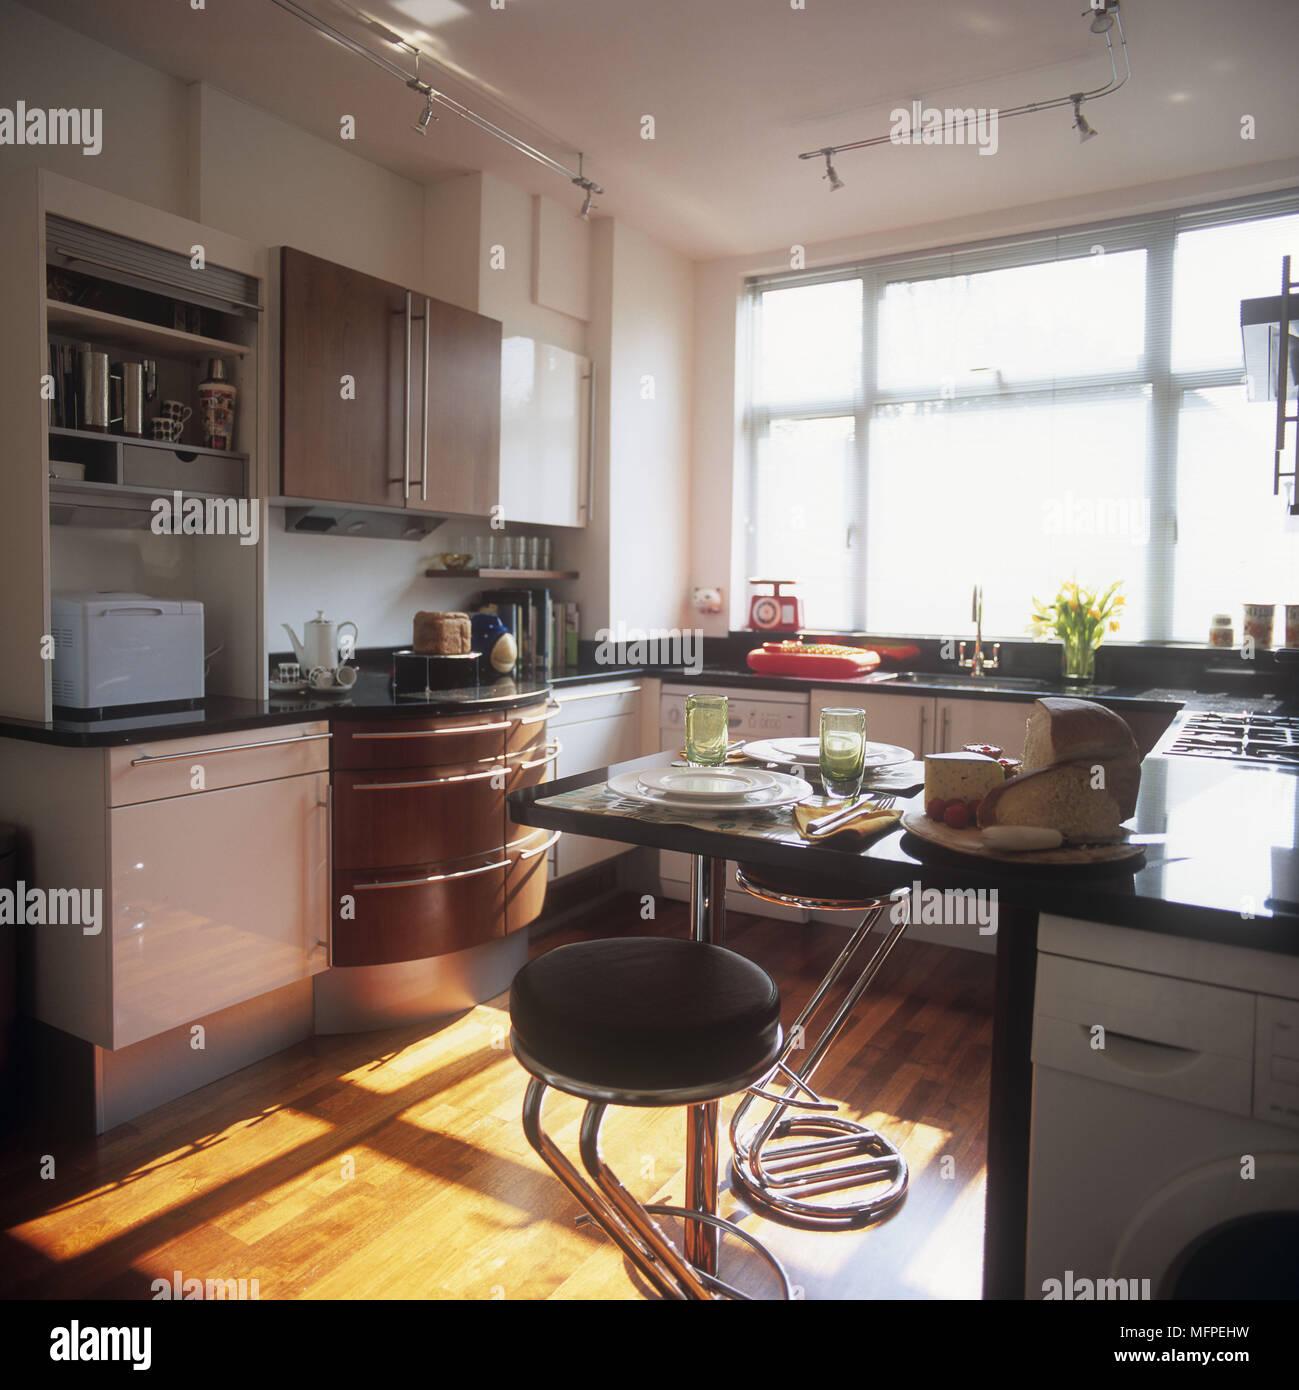 Charmant 50s Themed Küche Bilder - Küche Set Ideen - deriherusweets.info